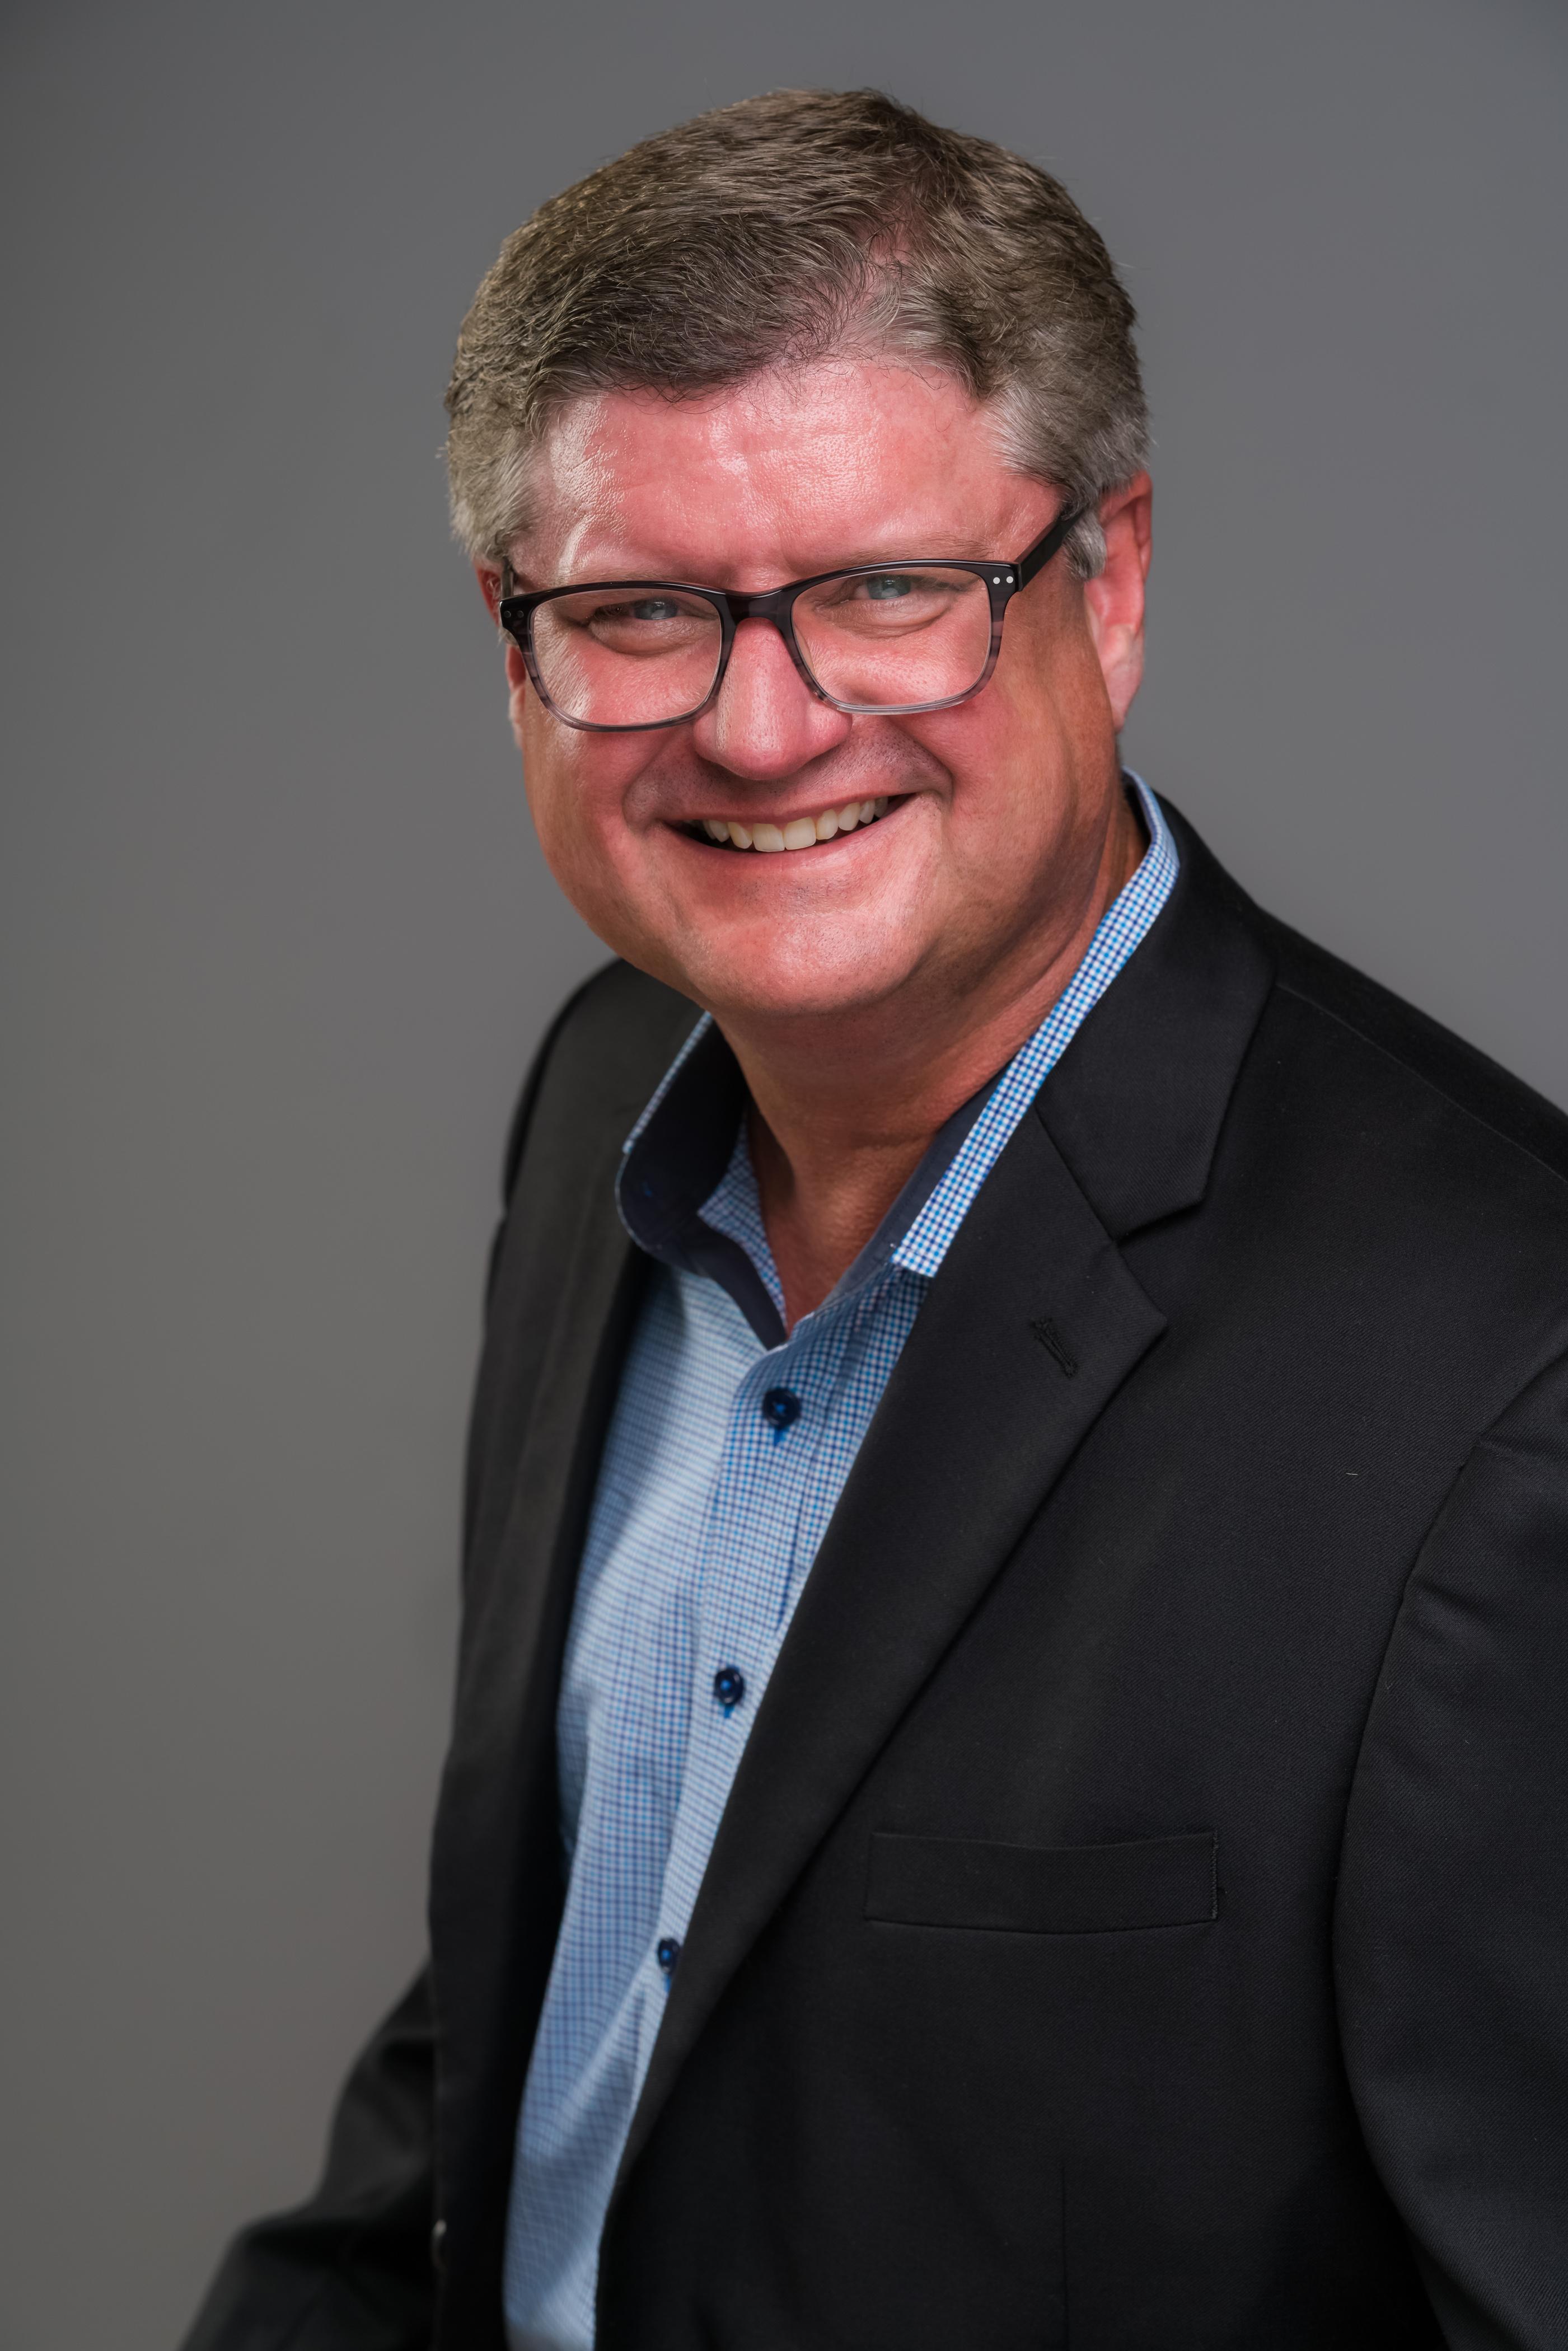 Bryan Persyn